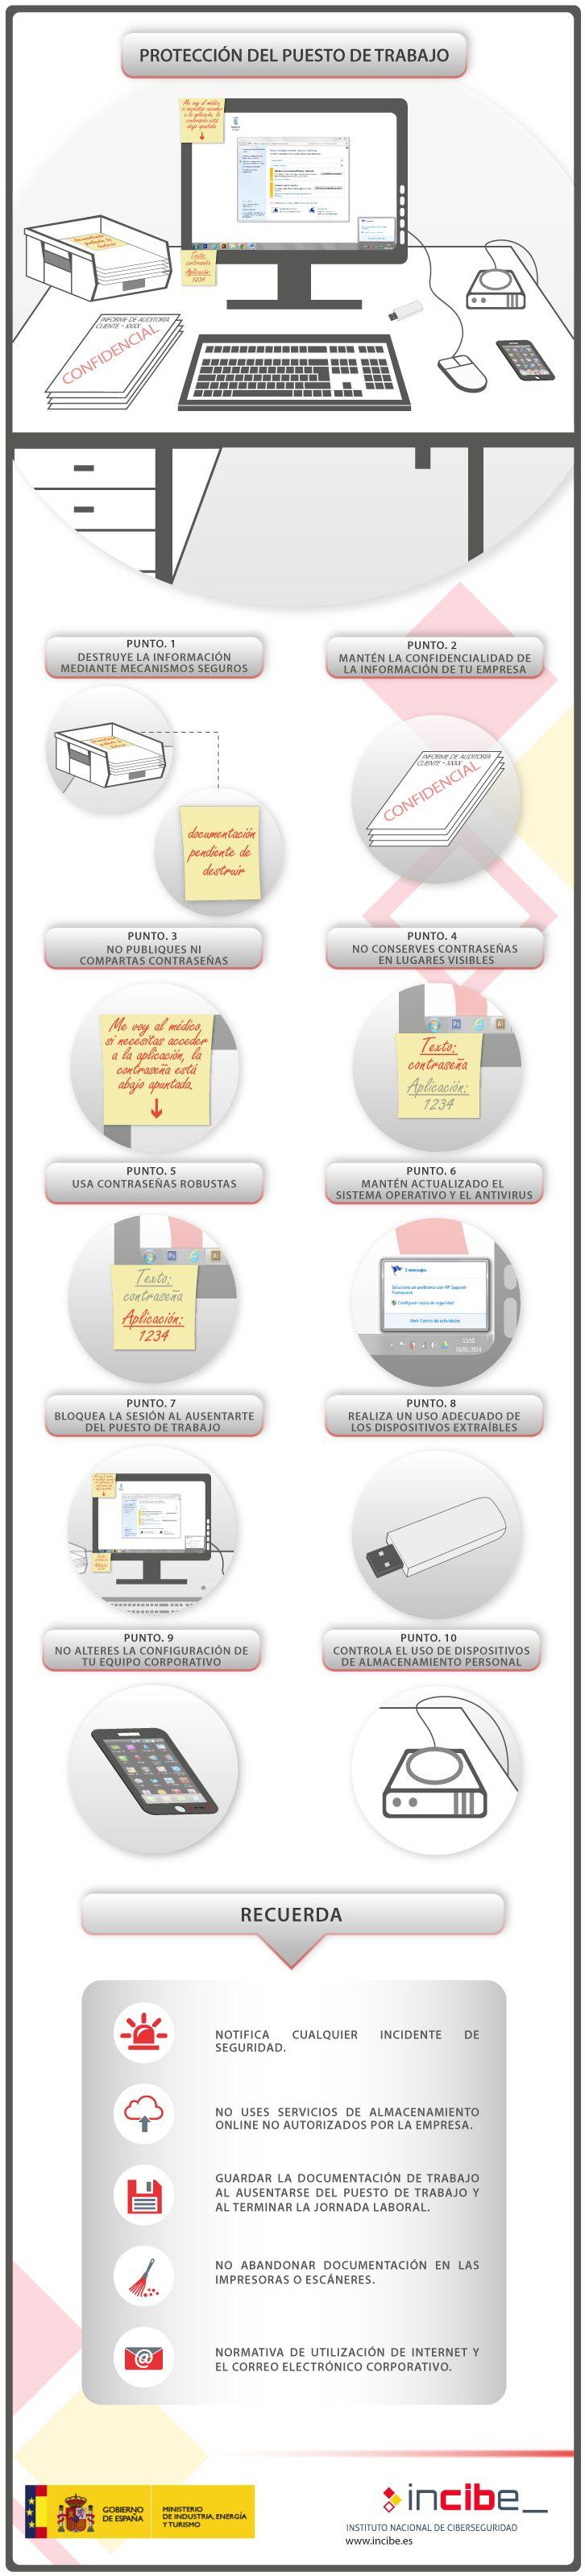 Infografia protección del puesto de trabajo No acumular documentacion pendiente…